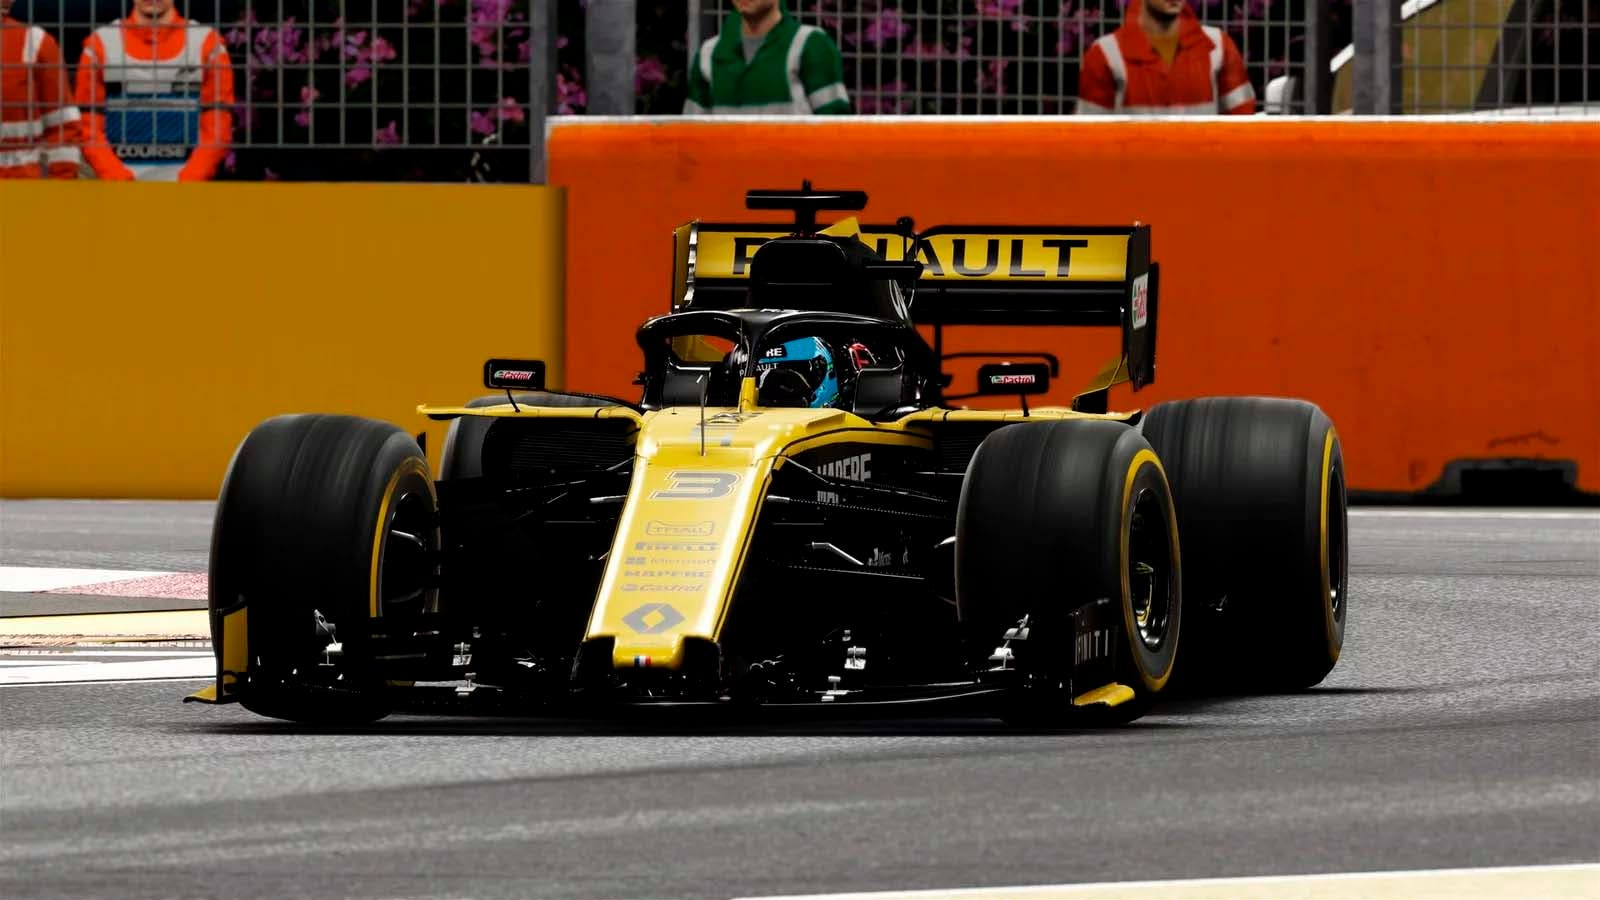 Completo análisis de rendimiento y comparativa de F1 2019 en consolas